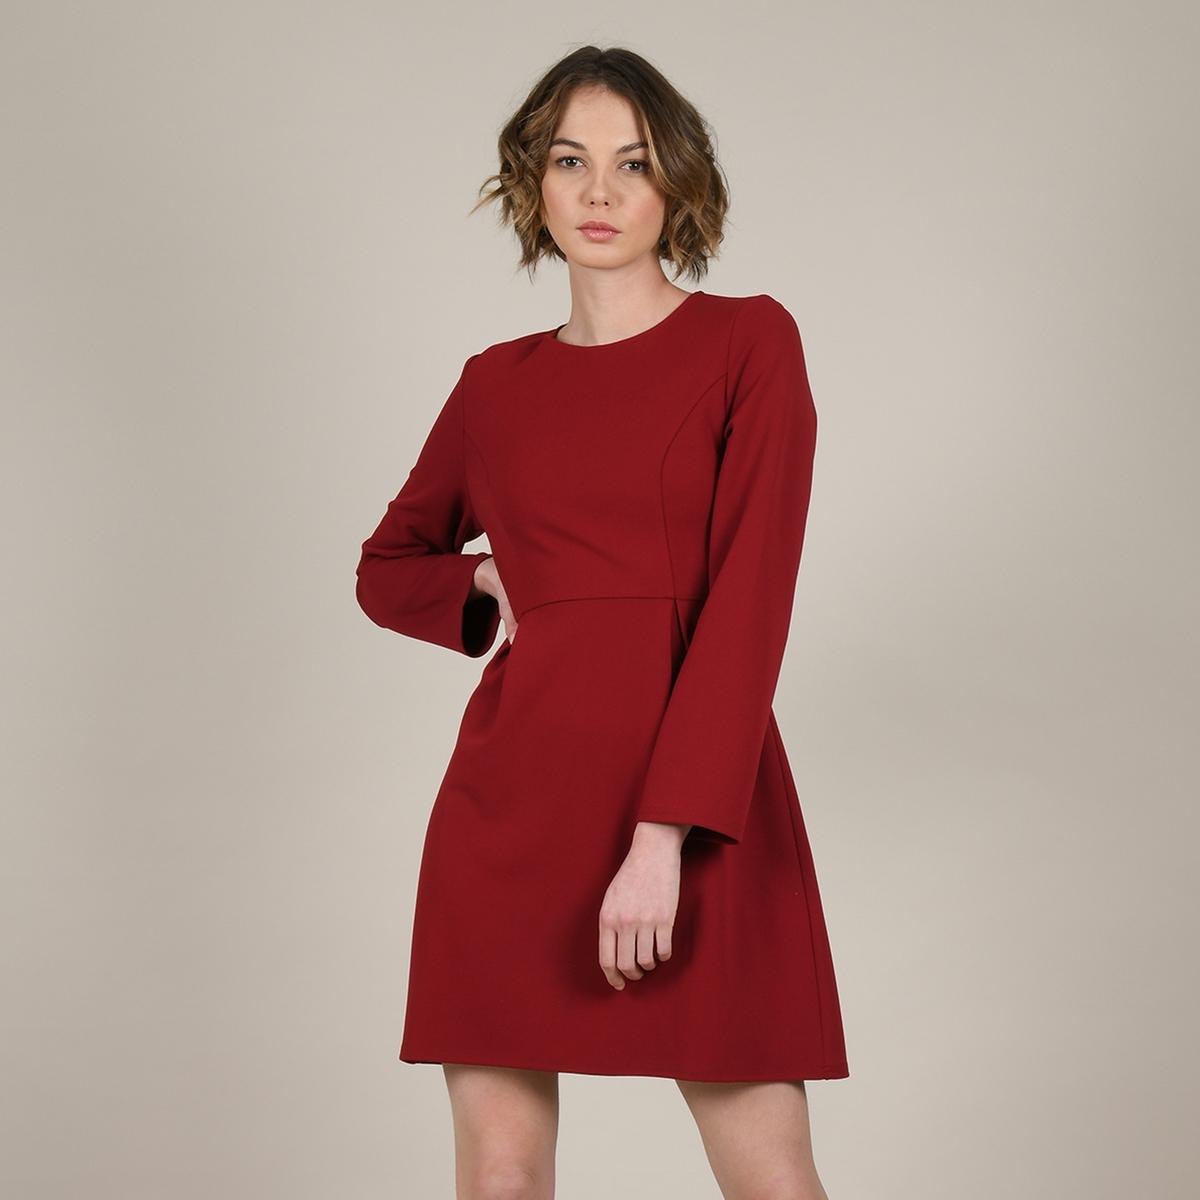 цена Платье La Redoute Короткое расклешенное с длинными широкими рукавами M красный онлайн в 2017 году